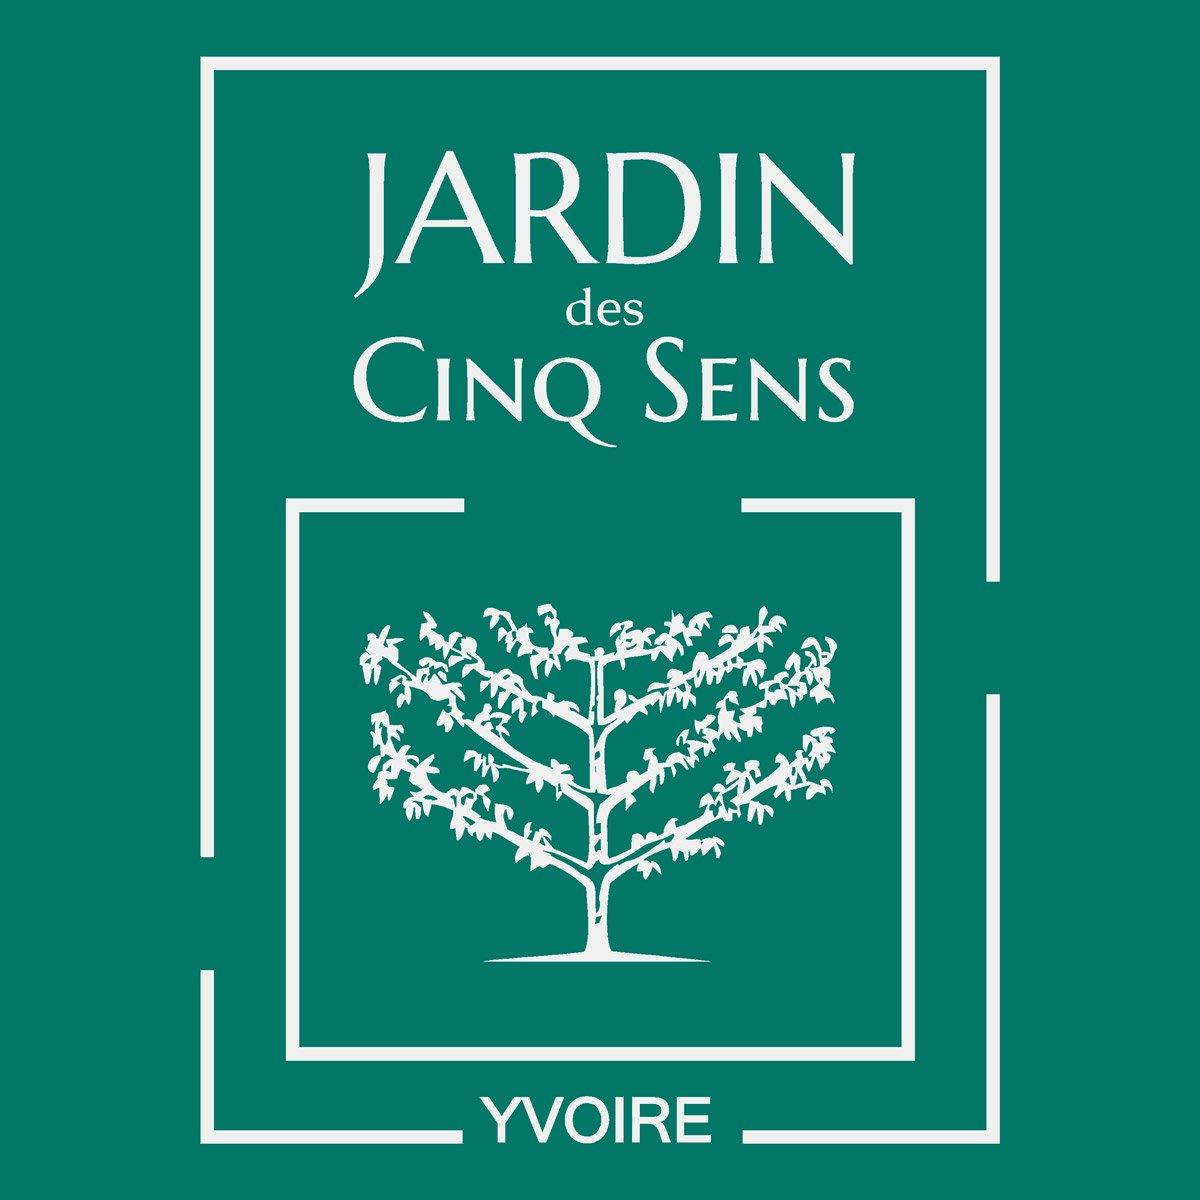 Jardin des 5 Sens